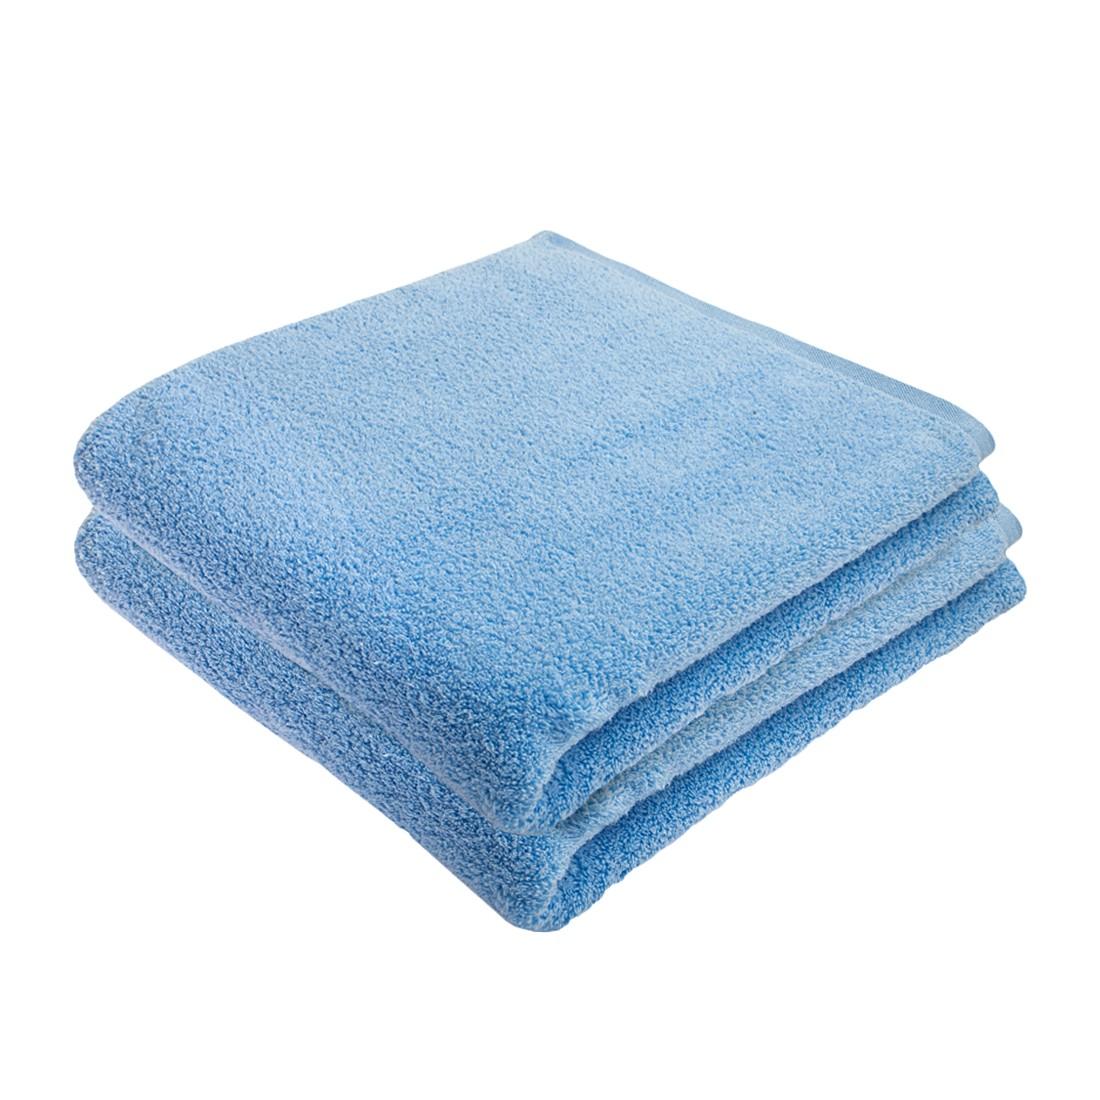 Home 24 - Service de bain pure (lot de 2) - coton - bleu clair, stilana